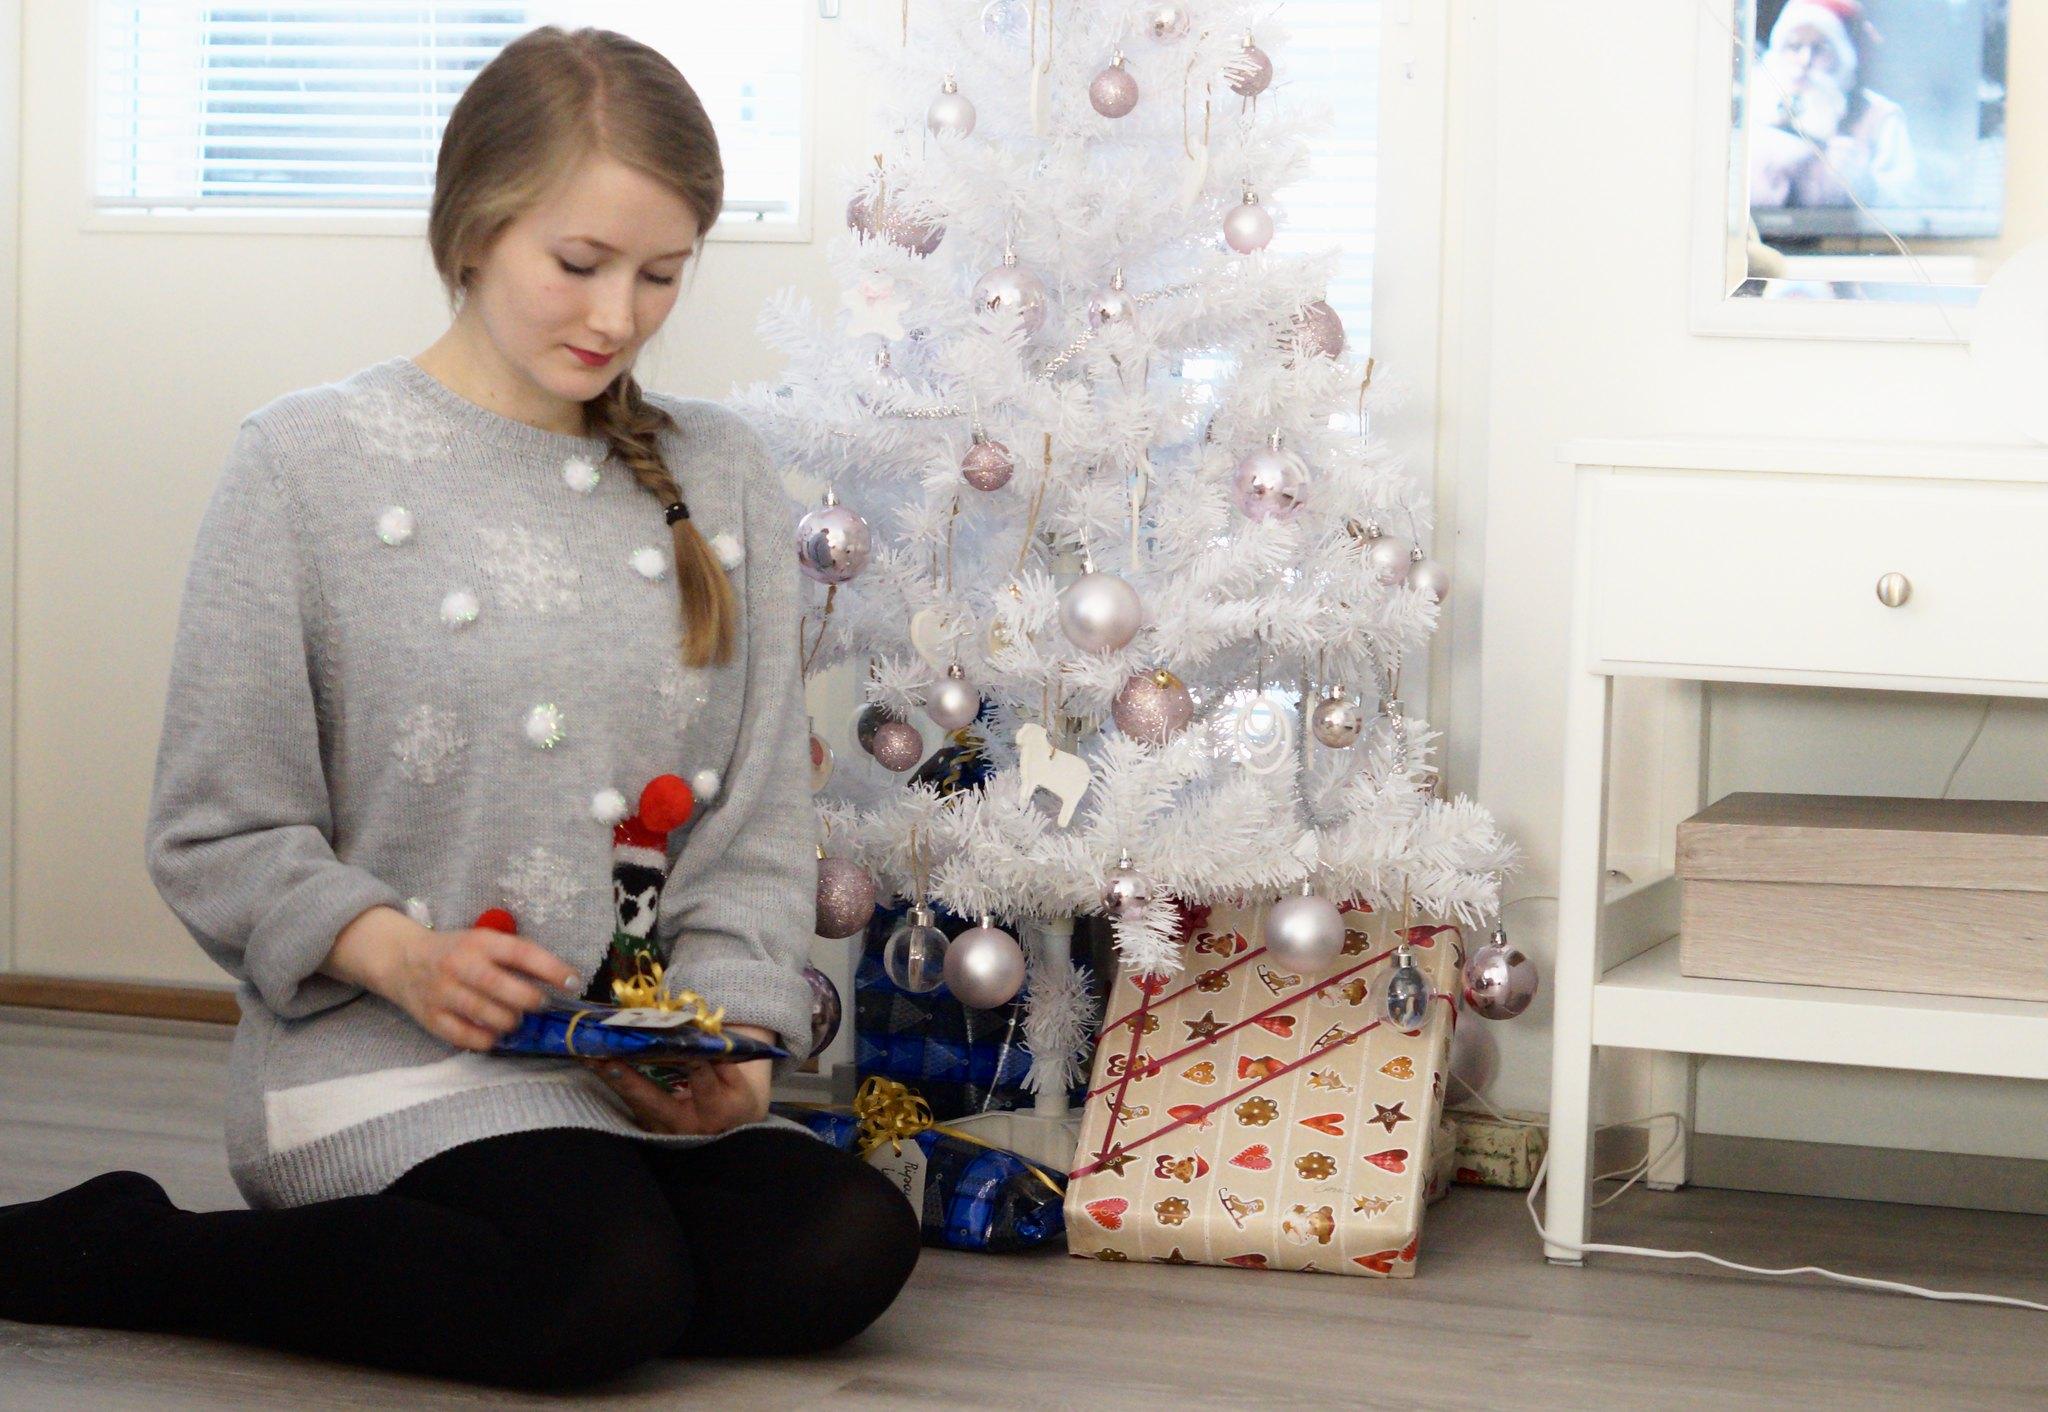 Joulukalenteri: Hyvää joulua!